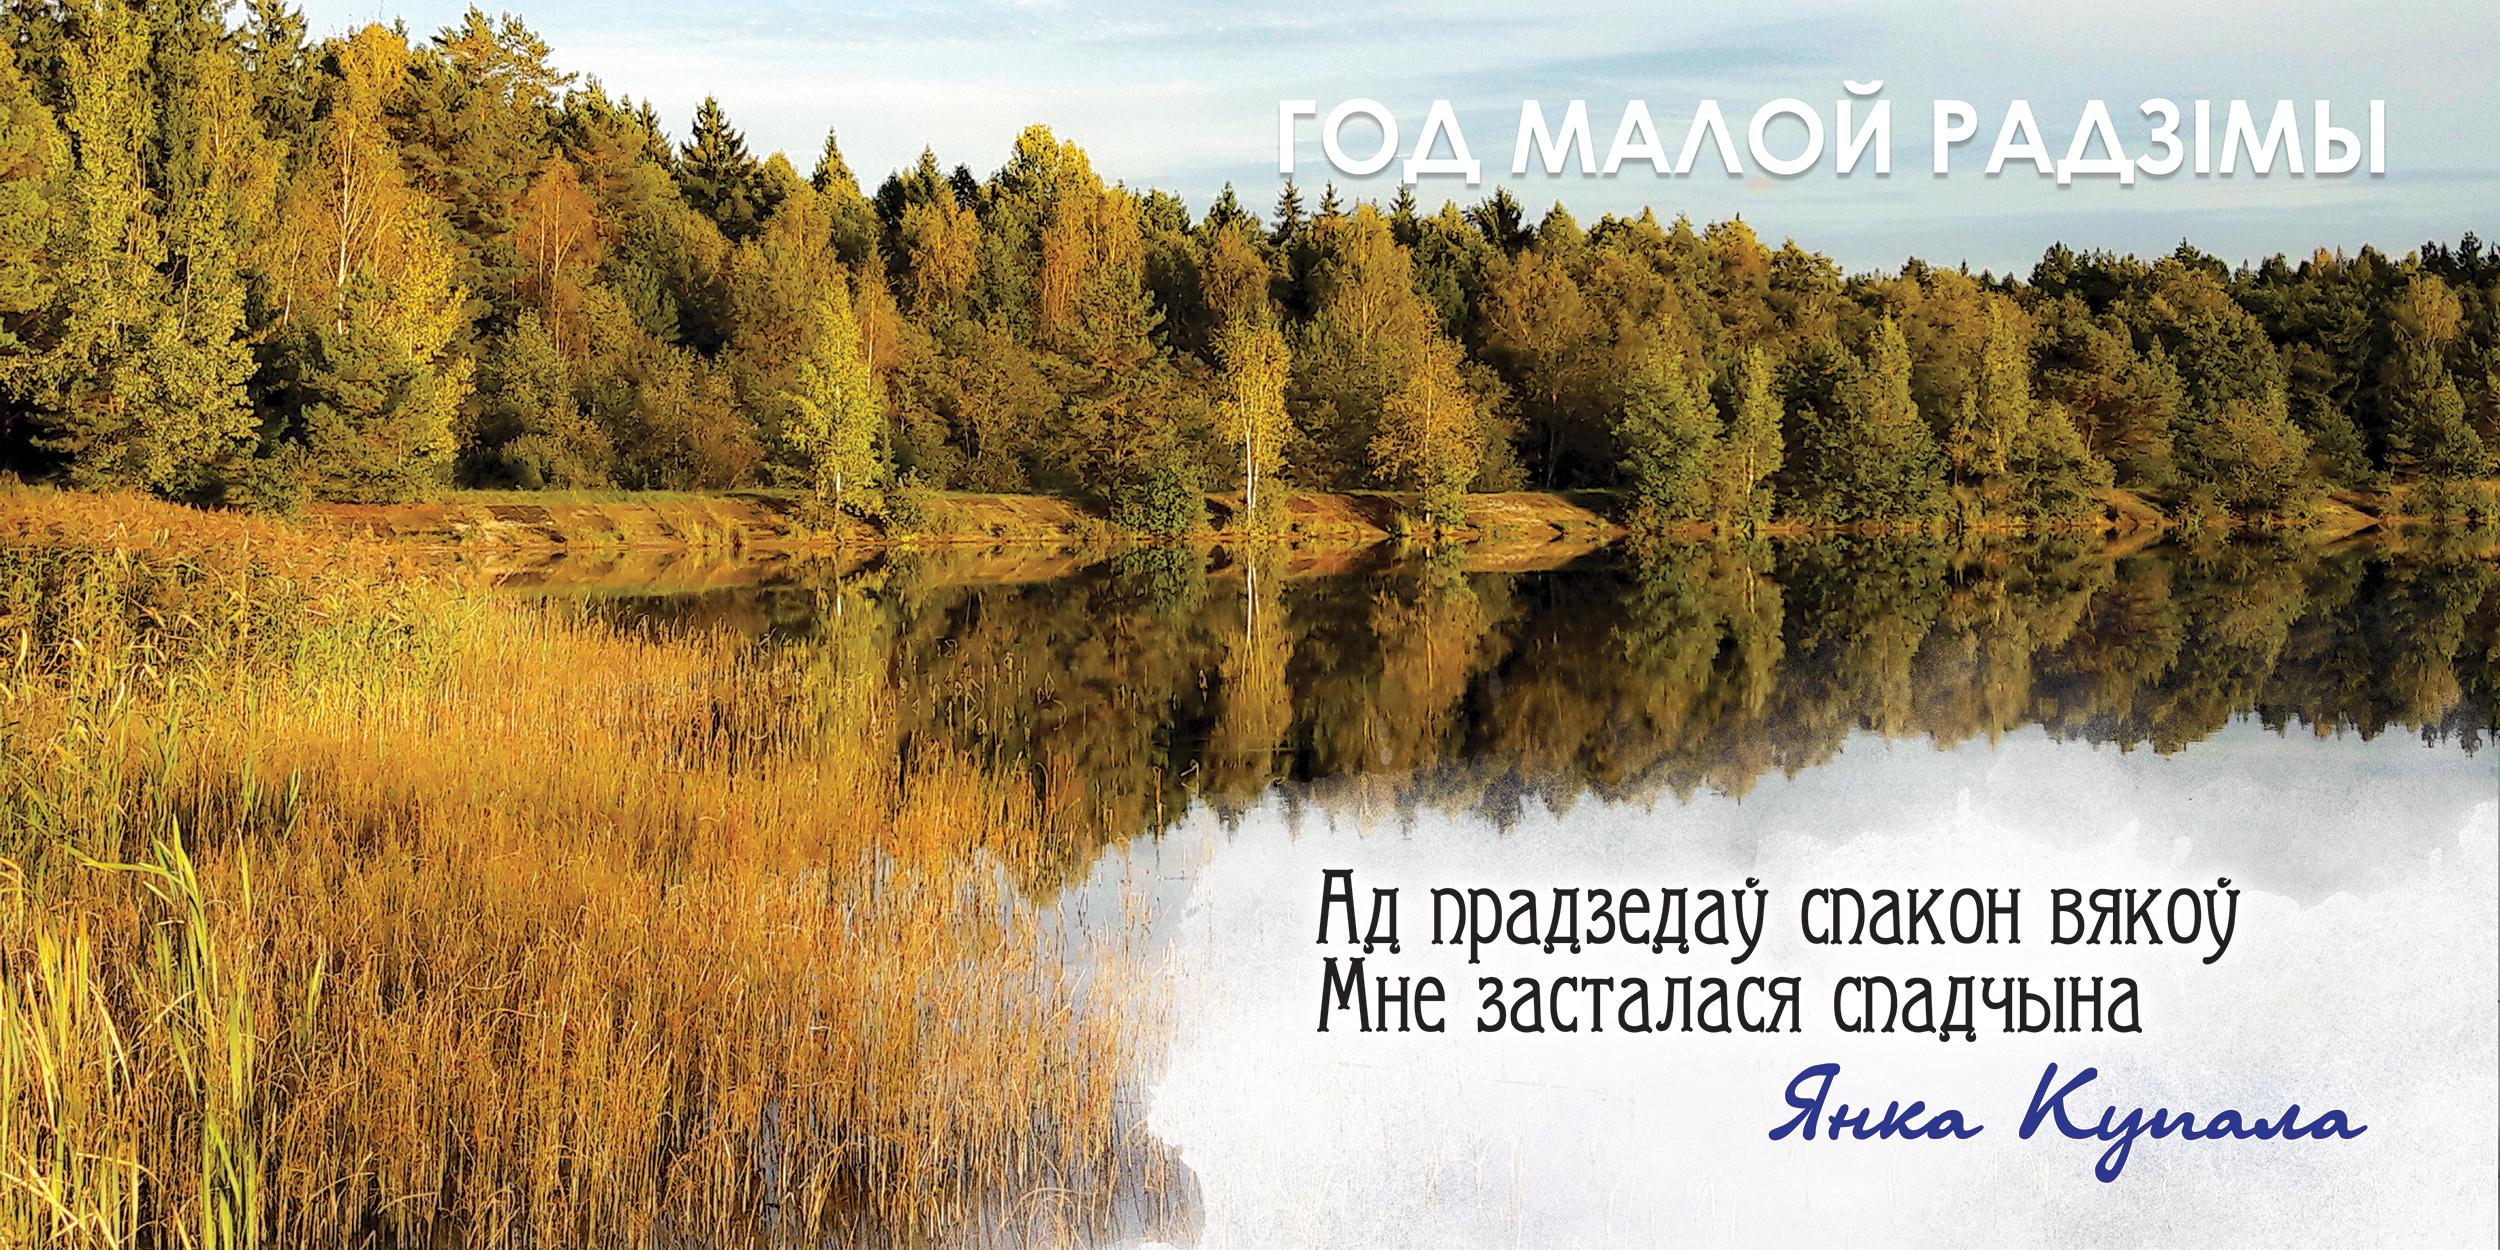 """Плакат из серии """"Год малой родины"""""""